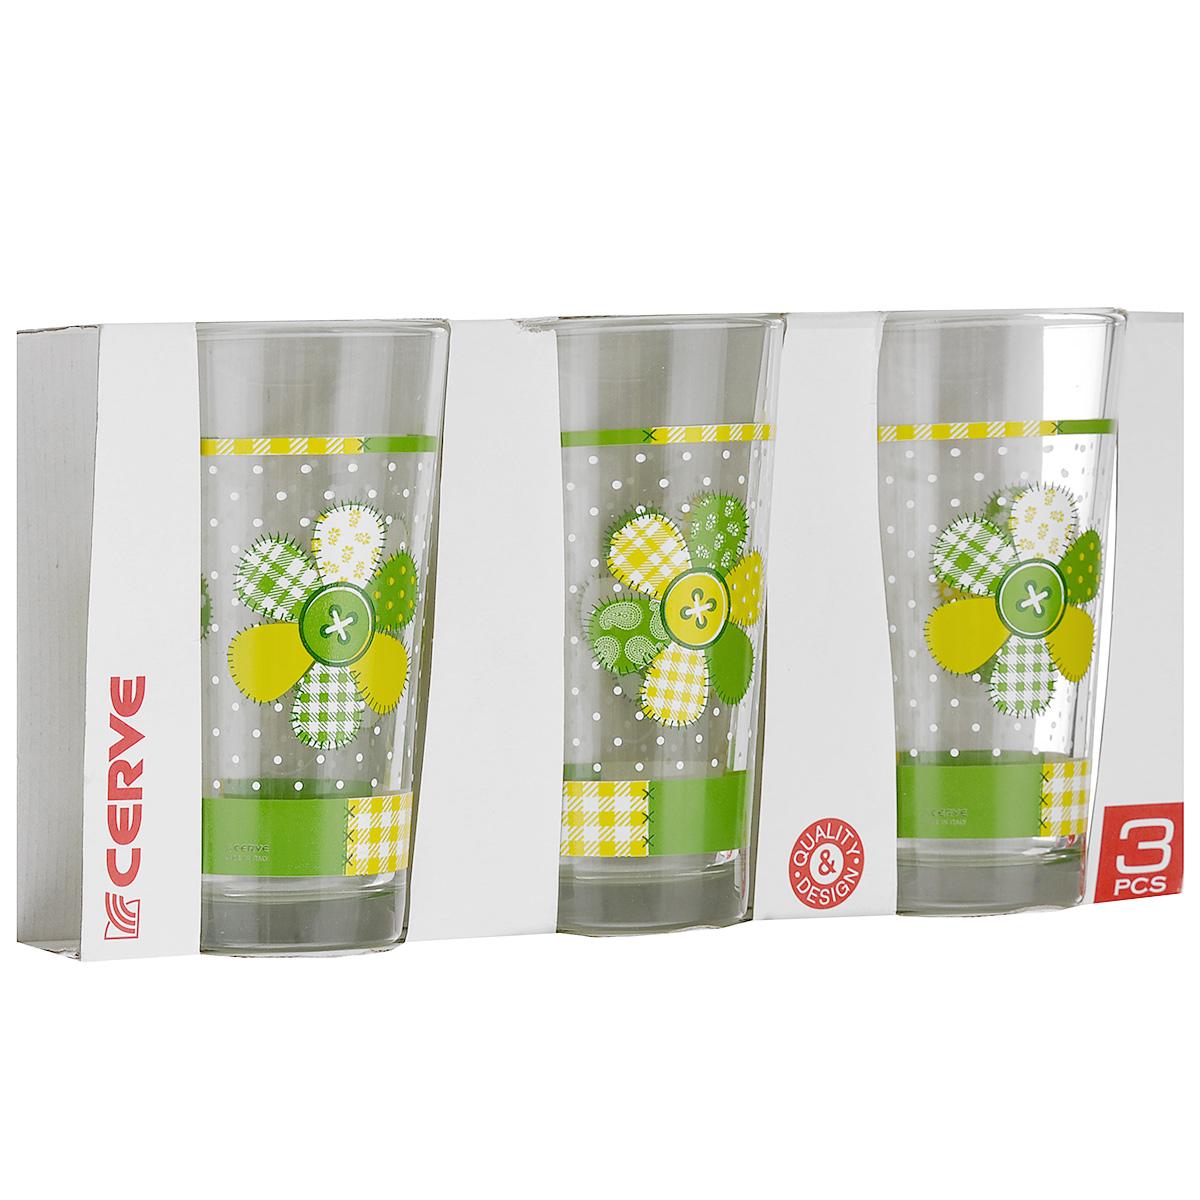 Набор стаканов Cerve Лотос, 250 мл, 3 штVT-1520(SR)Набор Cerve Лотос состоит из 3 стаканов, изготовленных из высококачественного стекла. Изделия оформлены изображениями цветов. Такой набор идеально подойдет для сервировки стола и станет отличным подарком к любому празднику. Разрешается мыть в посудомоечной машине. Диаметр стакана (по верхнему краю): 5,5 см. Высота стакана: 12 см.